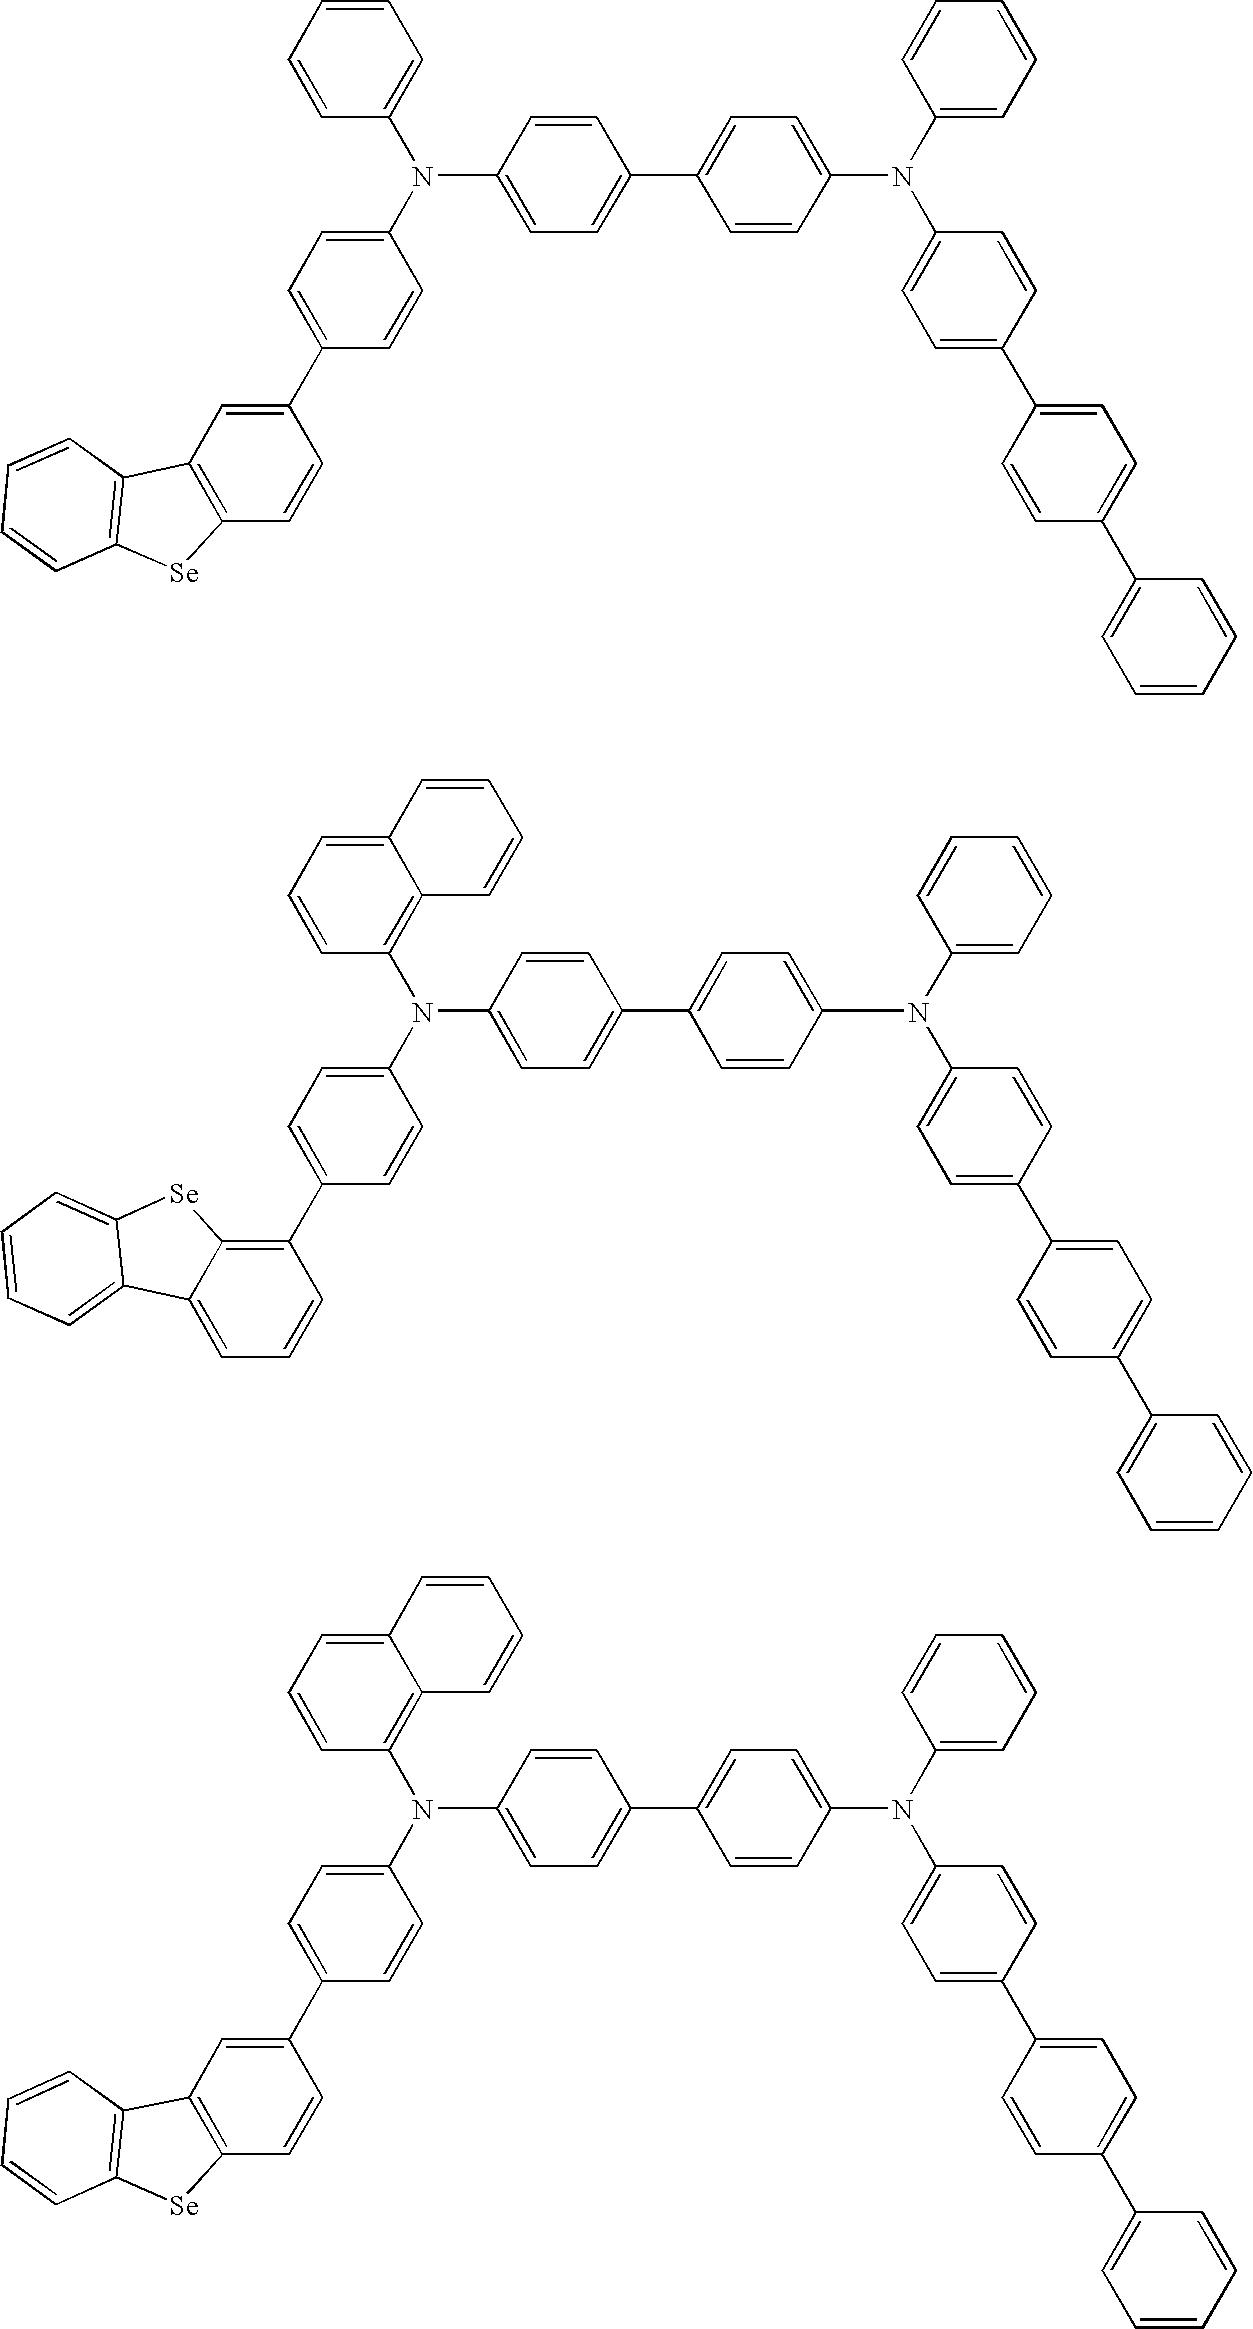 Figure US20100072887A1-20100325-C00024